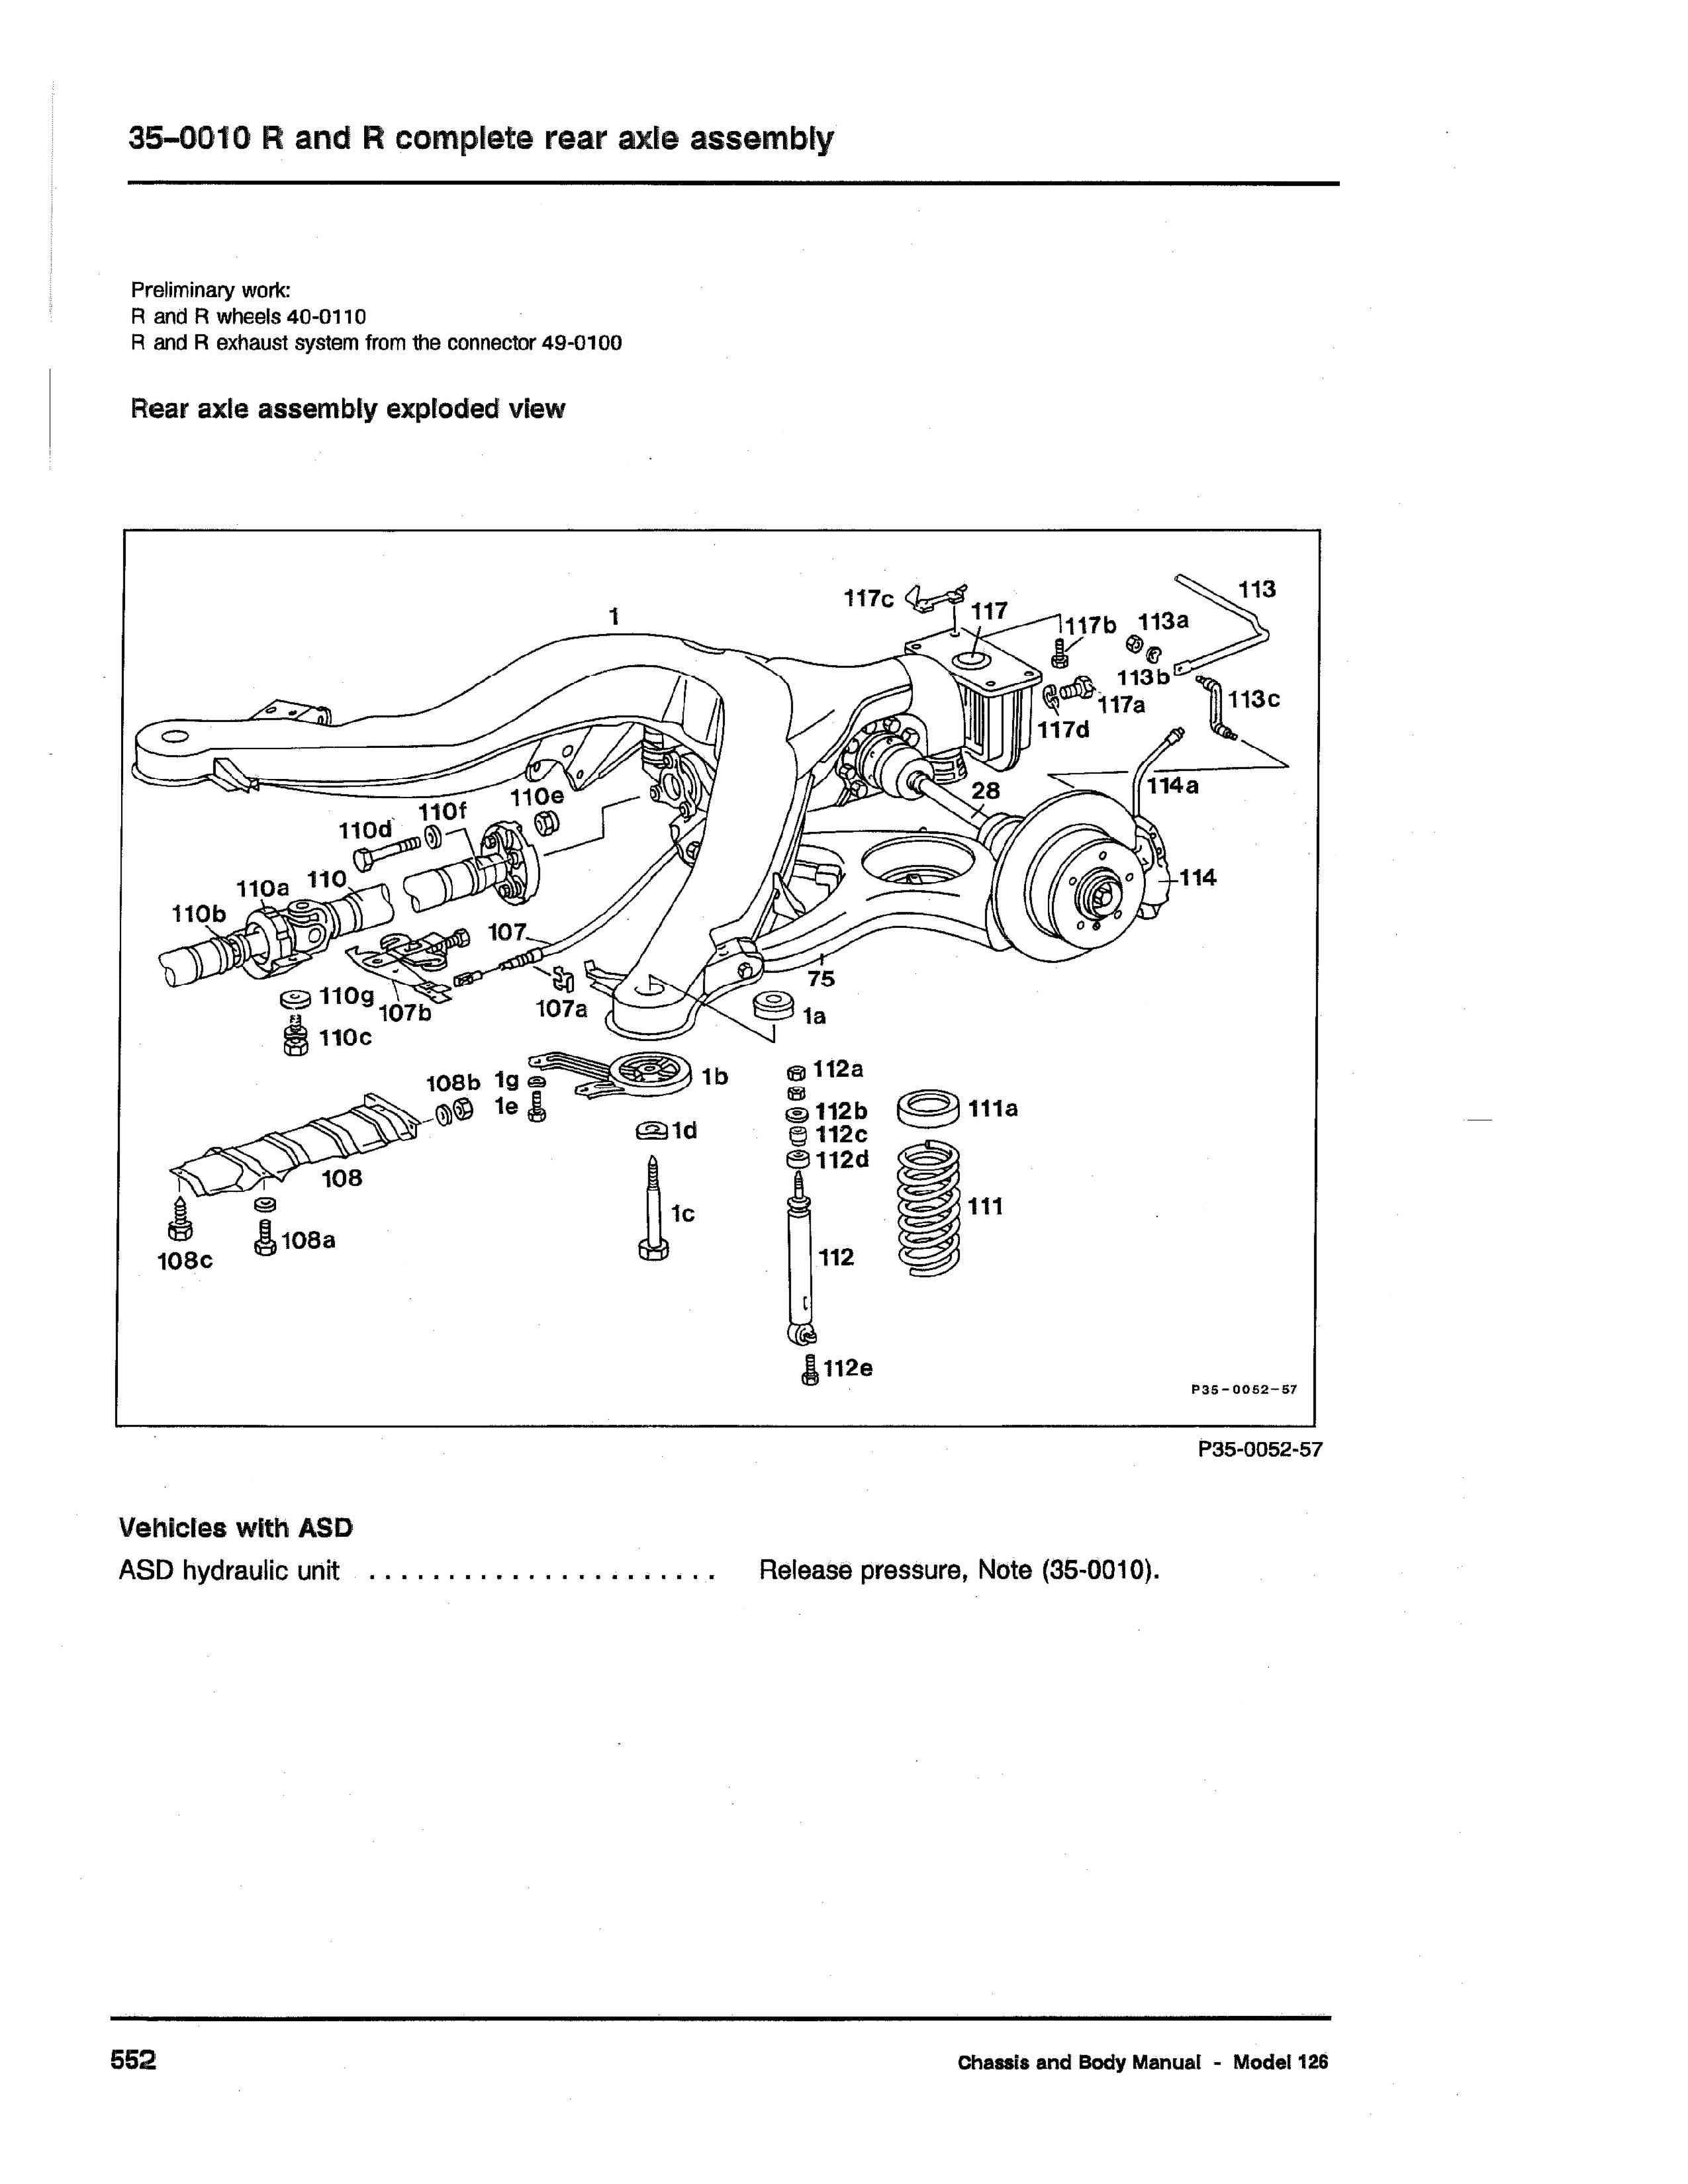 (W126): Diagrama completo da suspensão traseira  0001_434